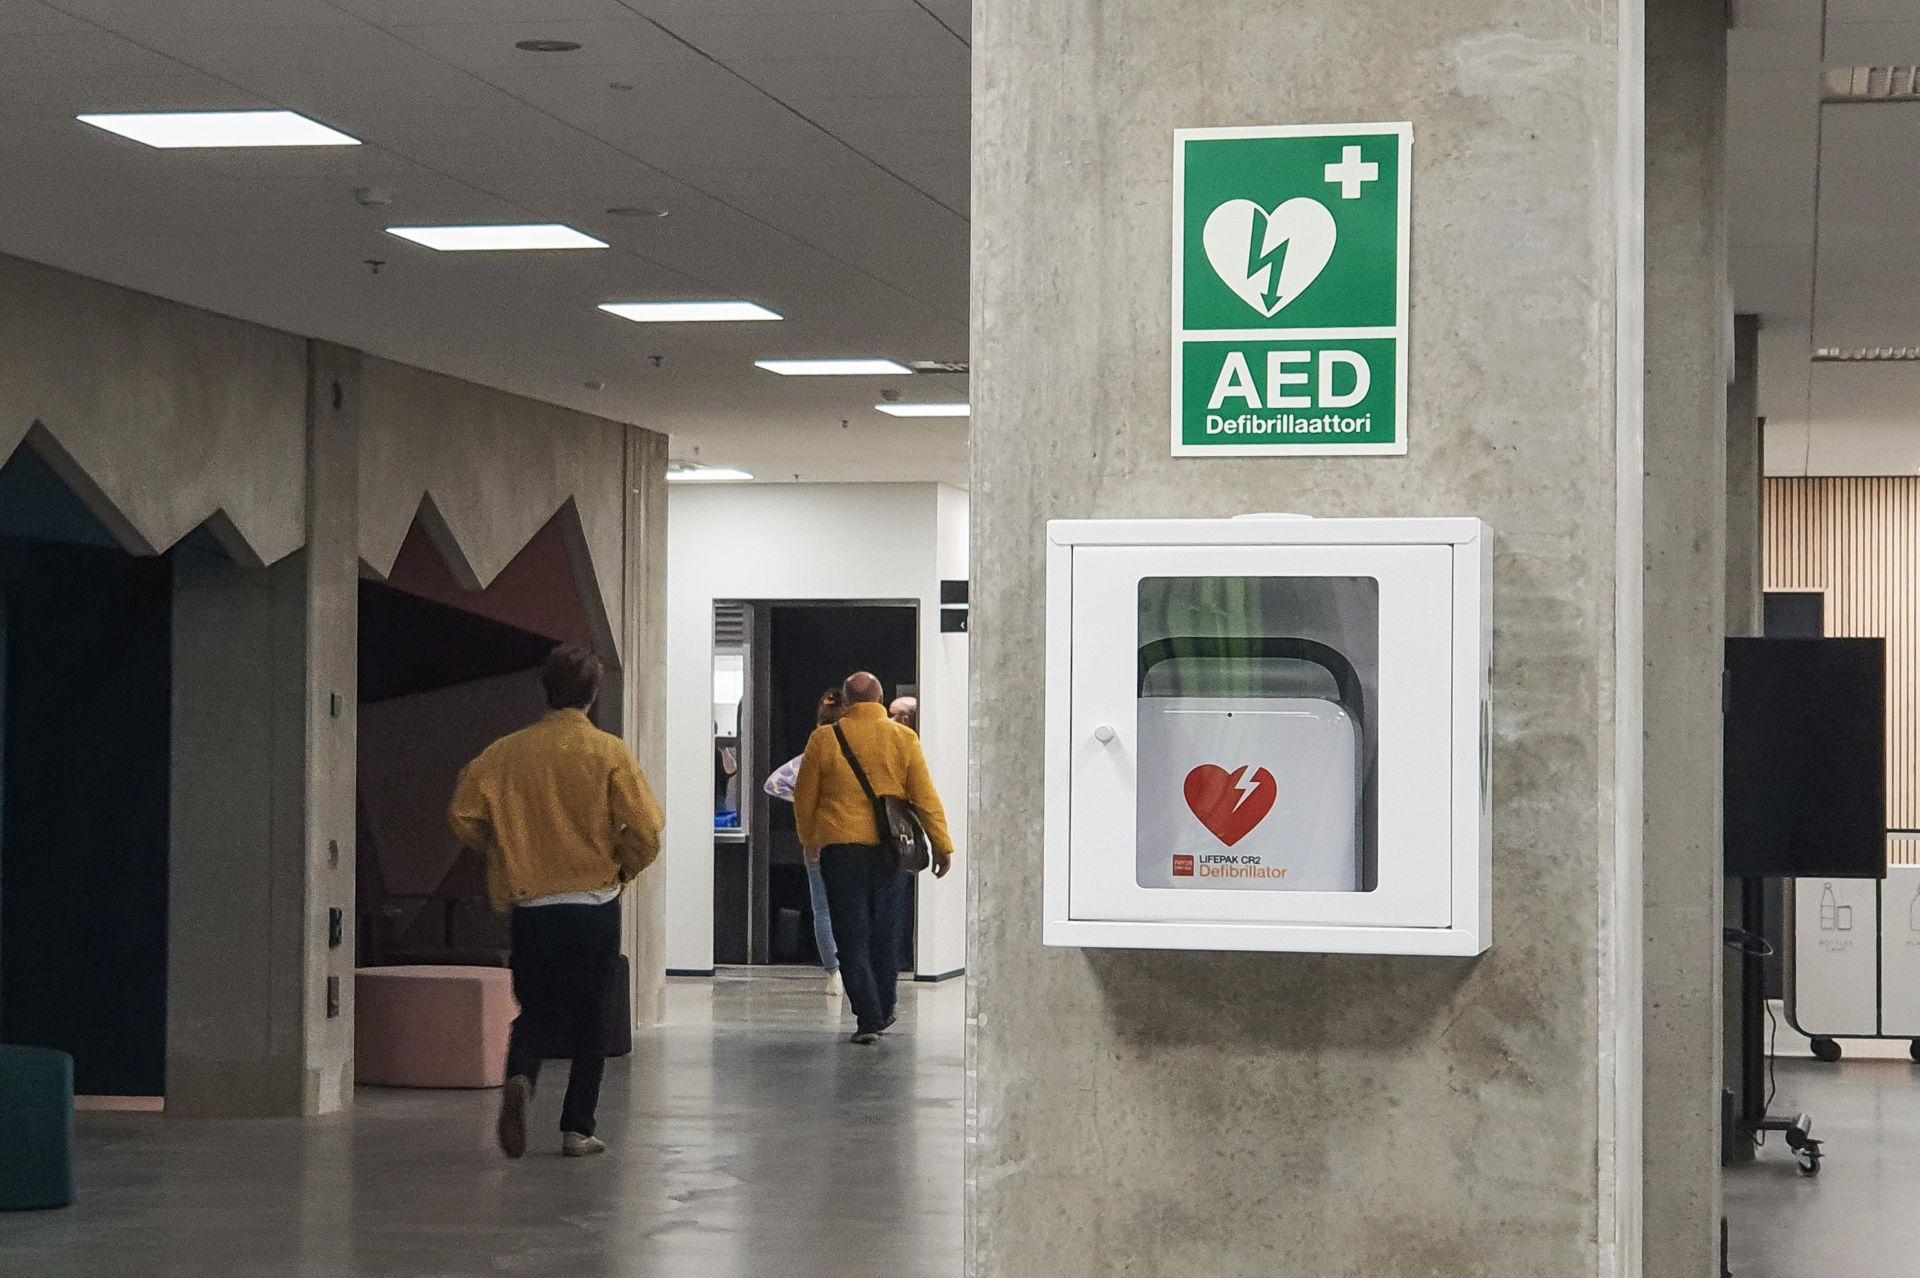 Defibrilaattorin käyttöä arastellaan viihteellisen median luoman dramatiikan takia. Kuva: Stella Hag